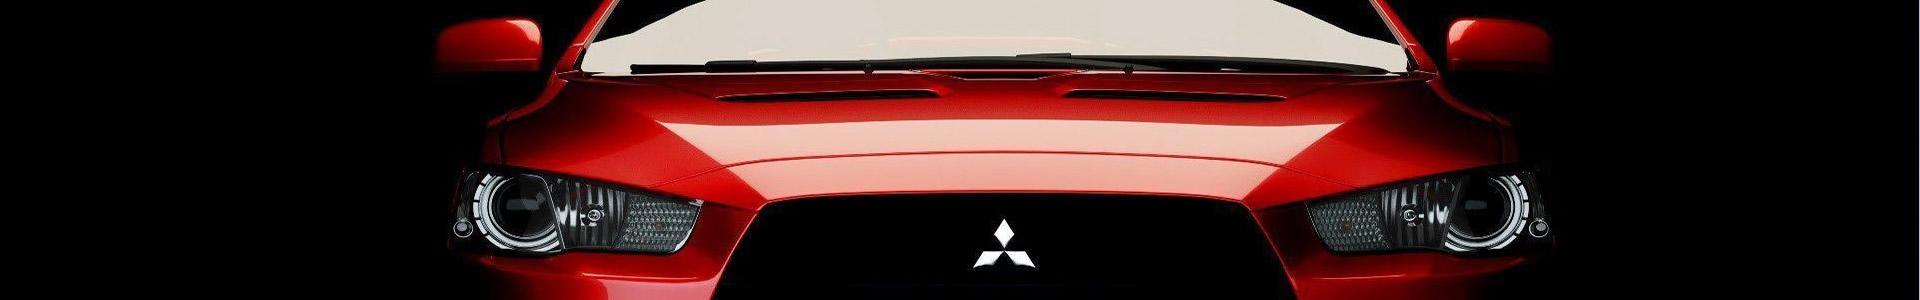 Mitsubishitop